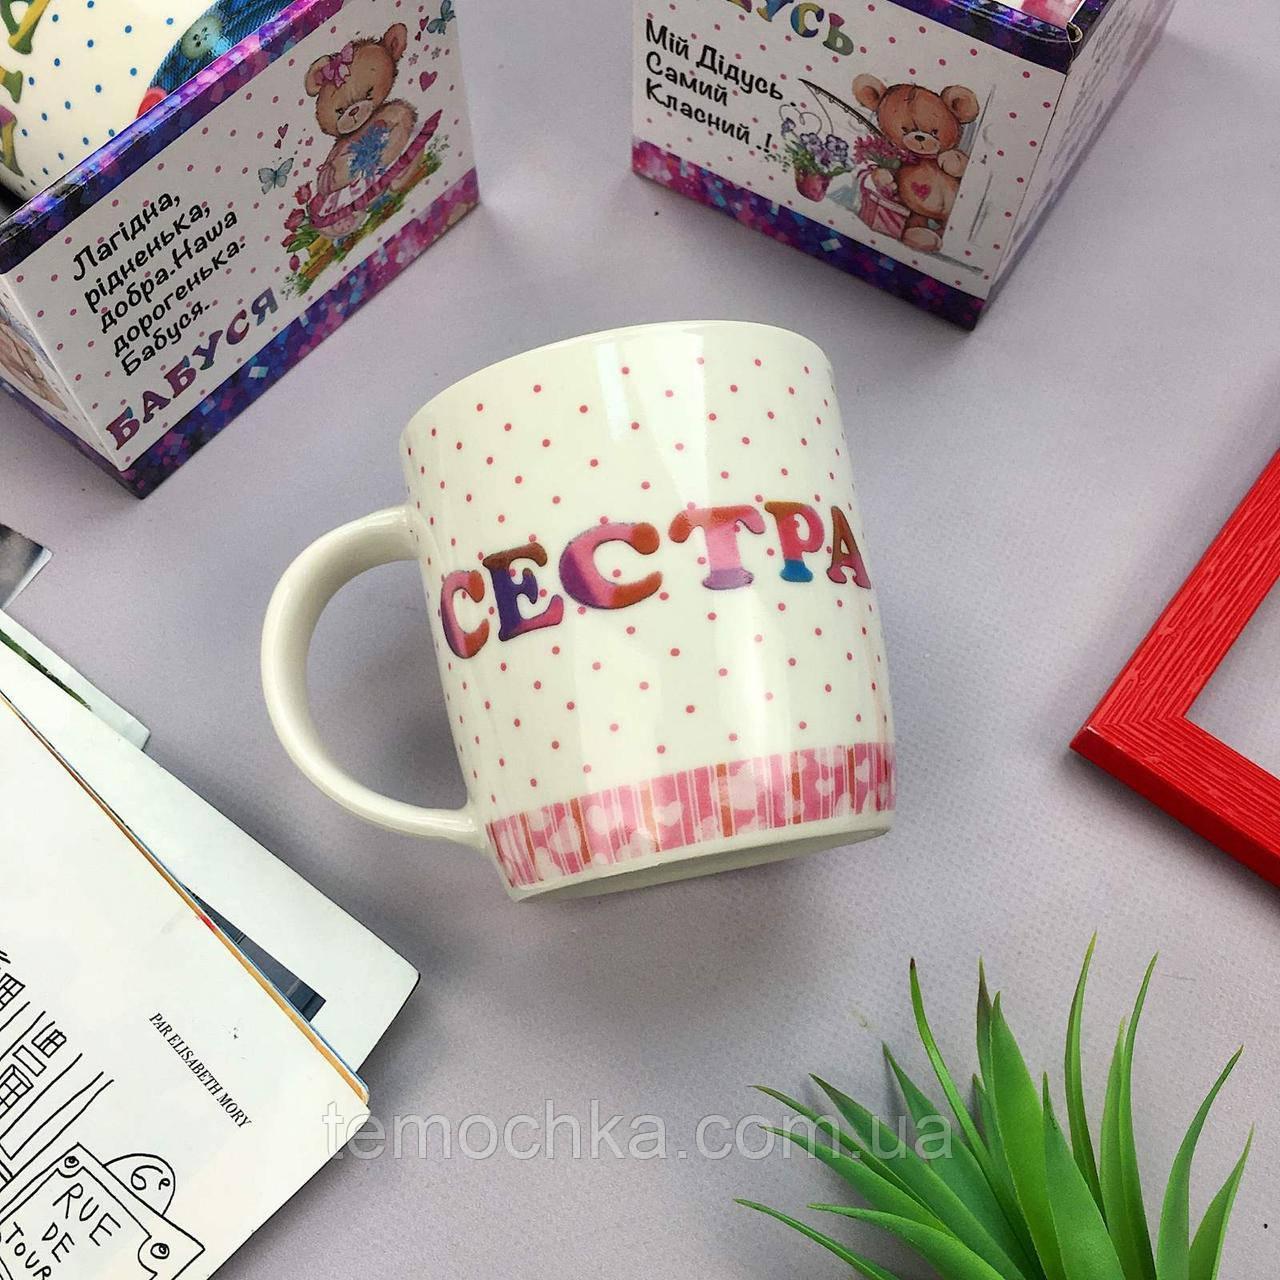 Чашка керамічна на подарунок подарункова сестрі з написом Сестра